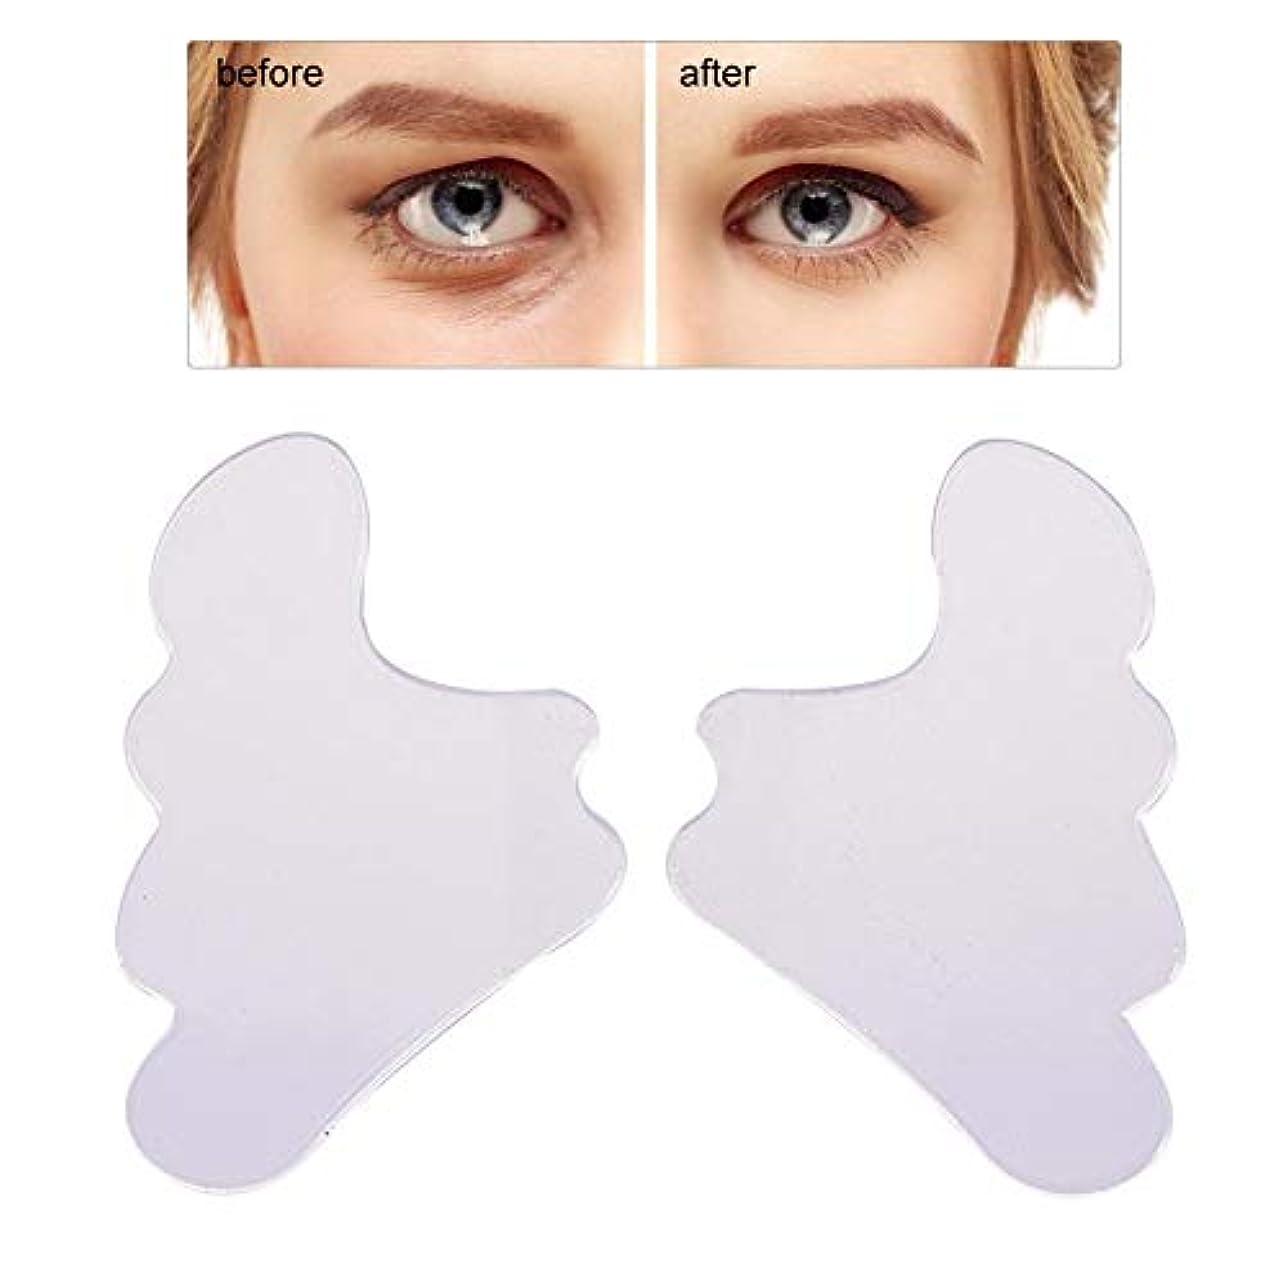 SILUN シリコーン抗しわリップパッド ペーストフェイスステッカー 唇周り 細かい線を減らす 美容ステッカー